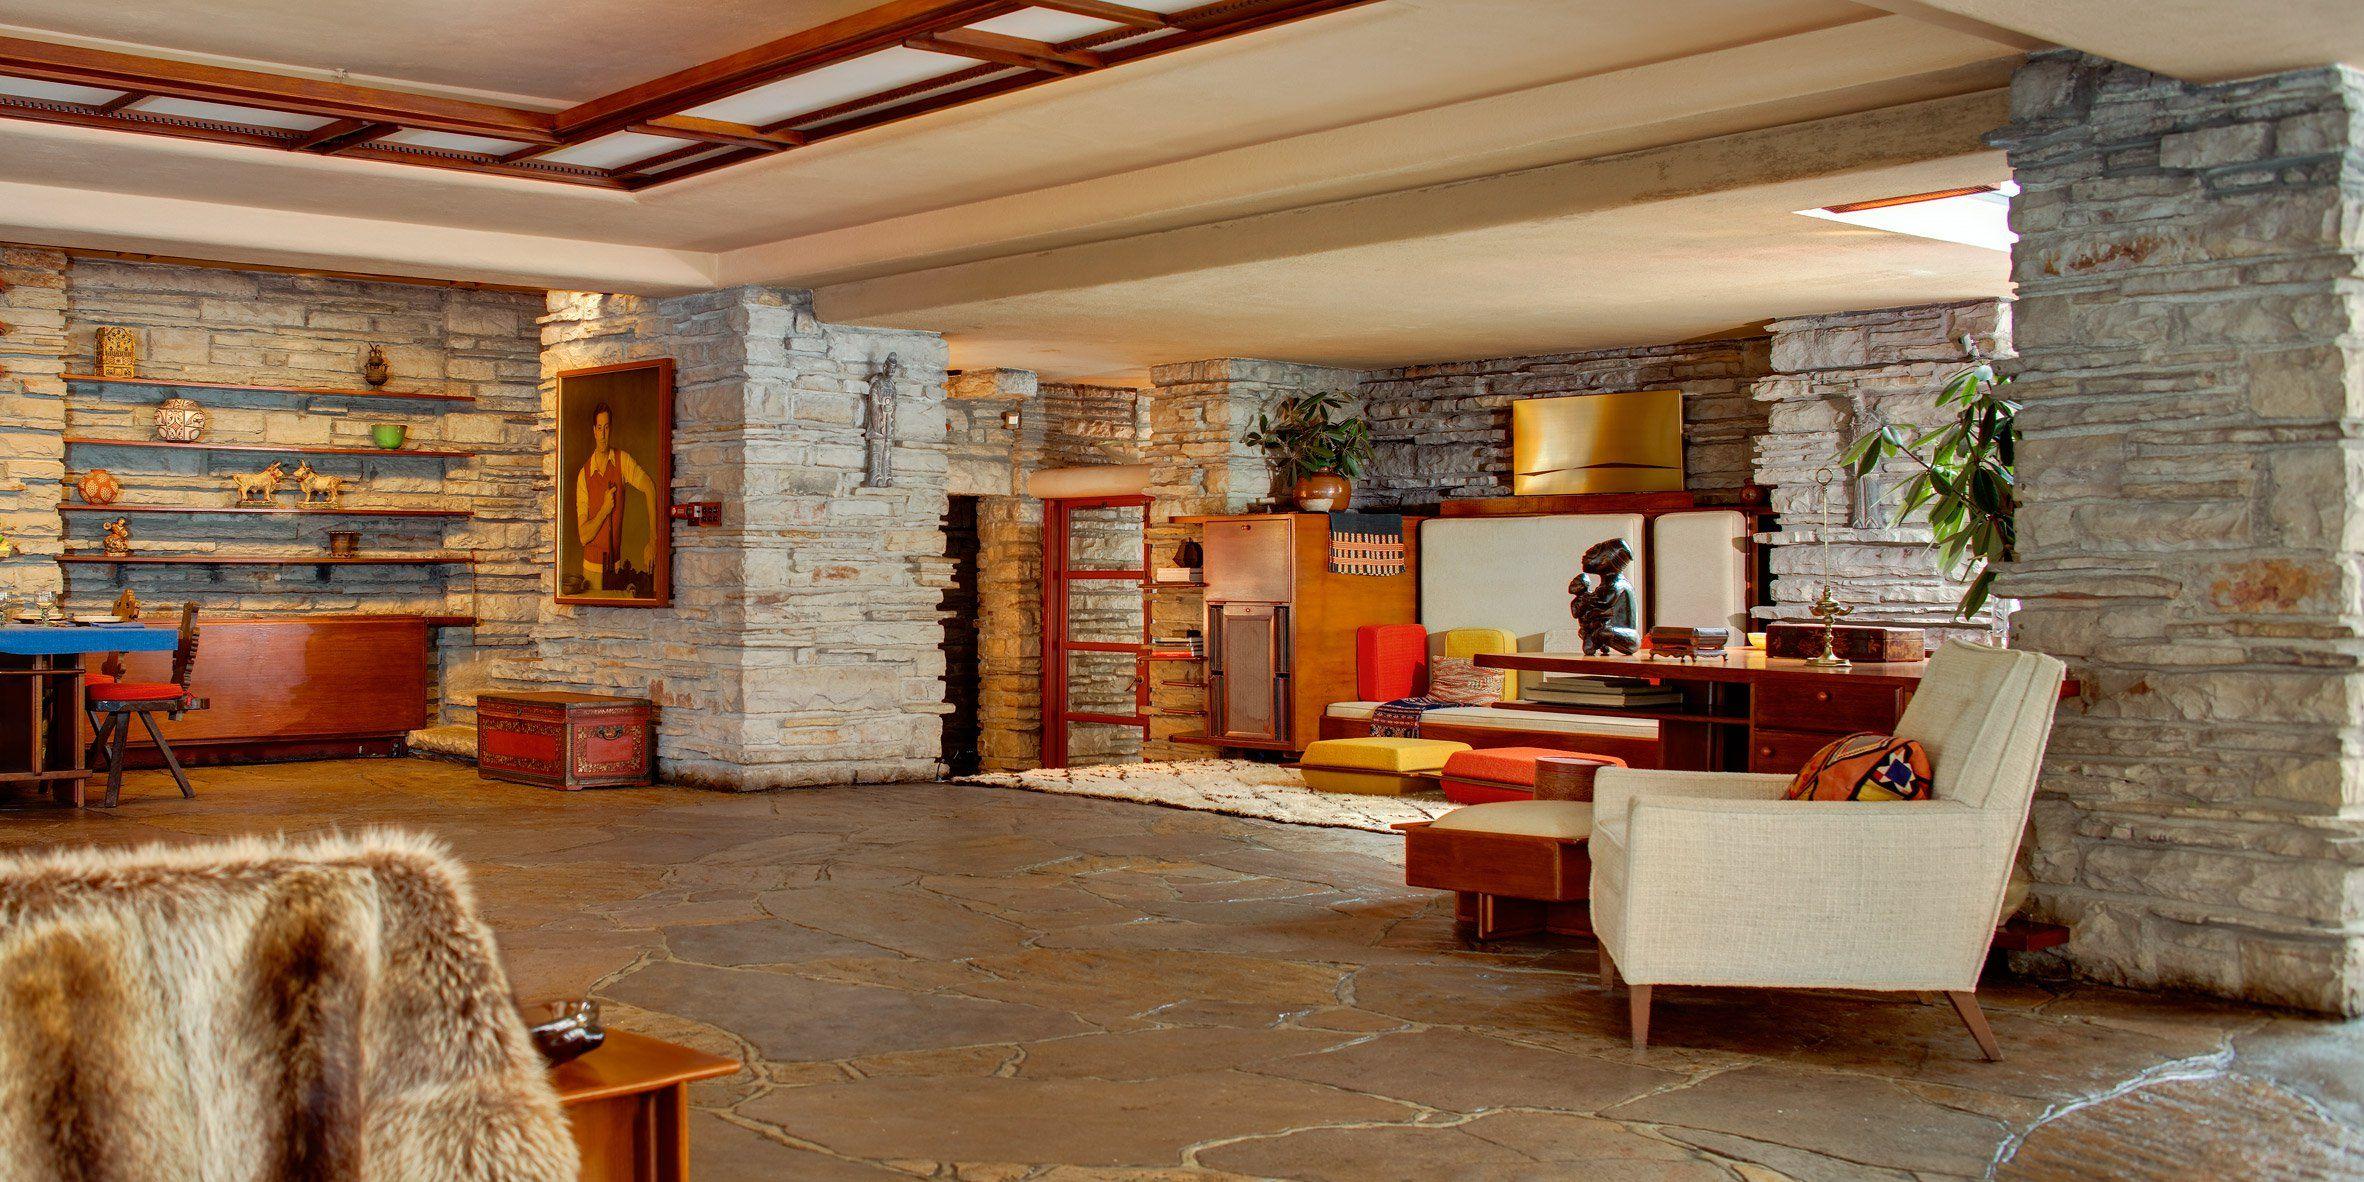 FallingWater House, Frank Lloyd Wright